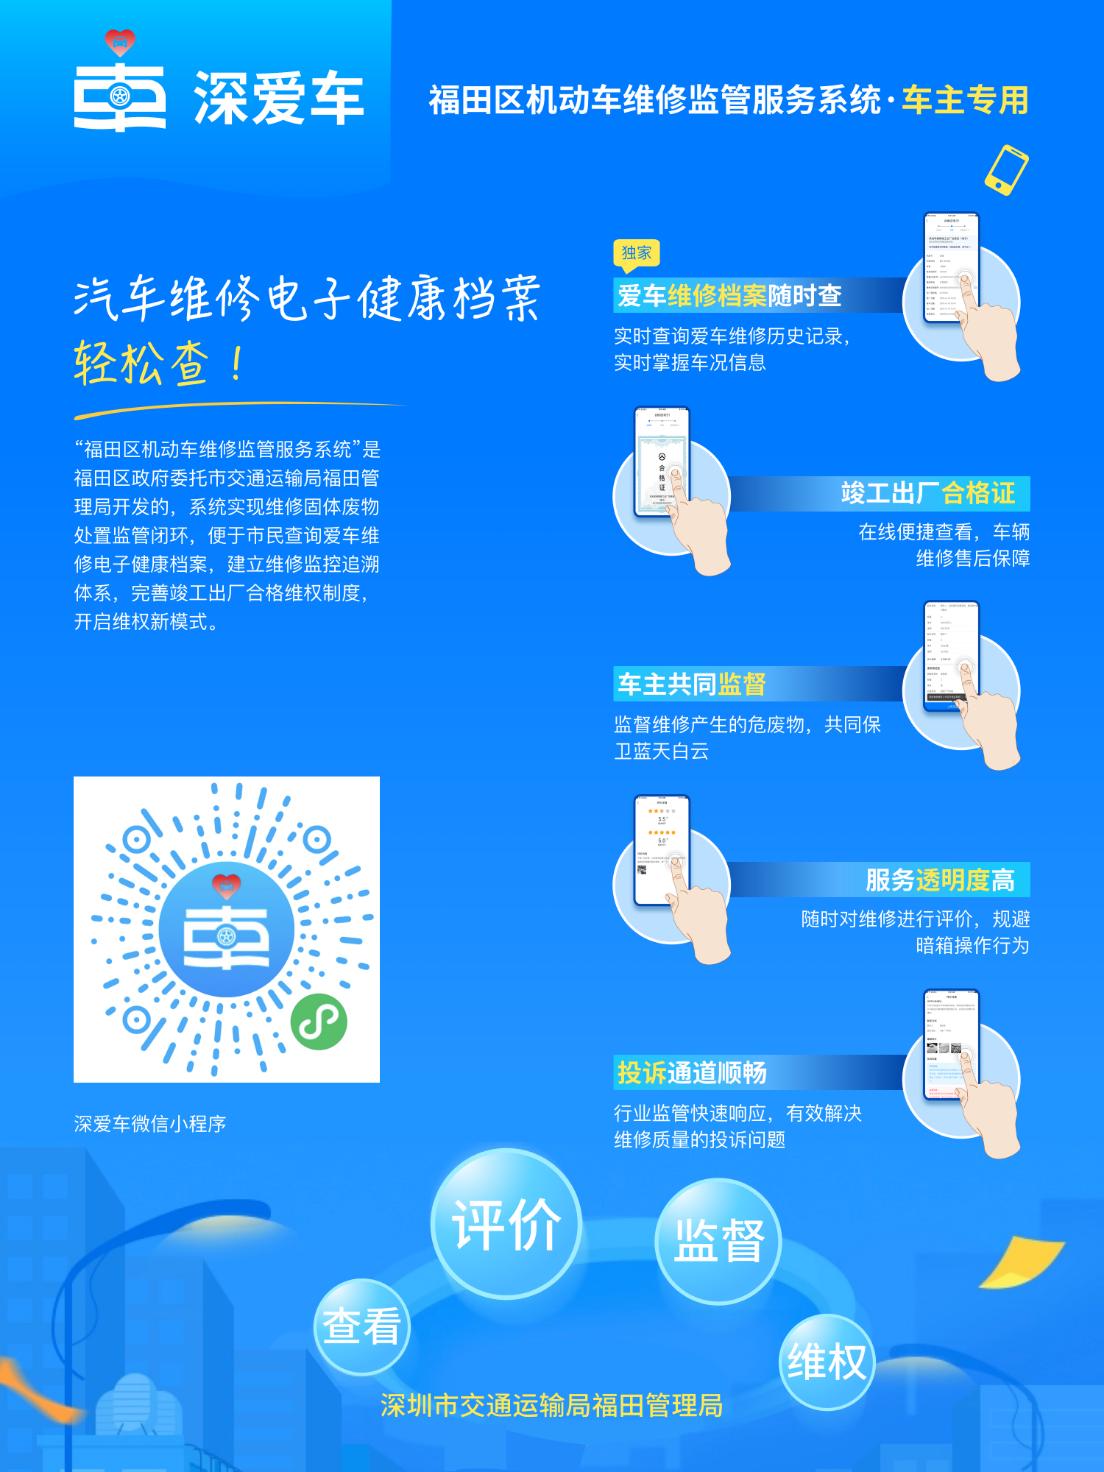 福田机动车维修监管服务系统正式上线